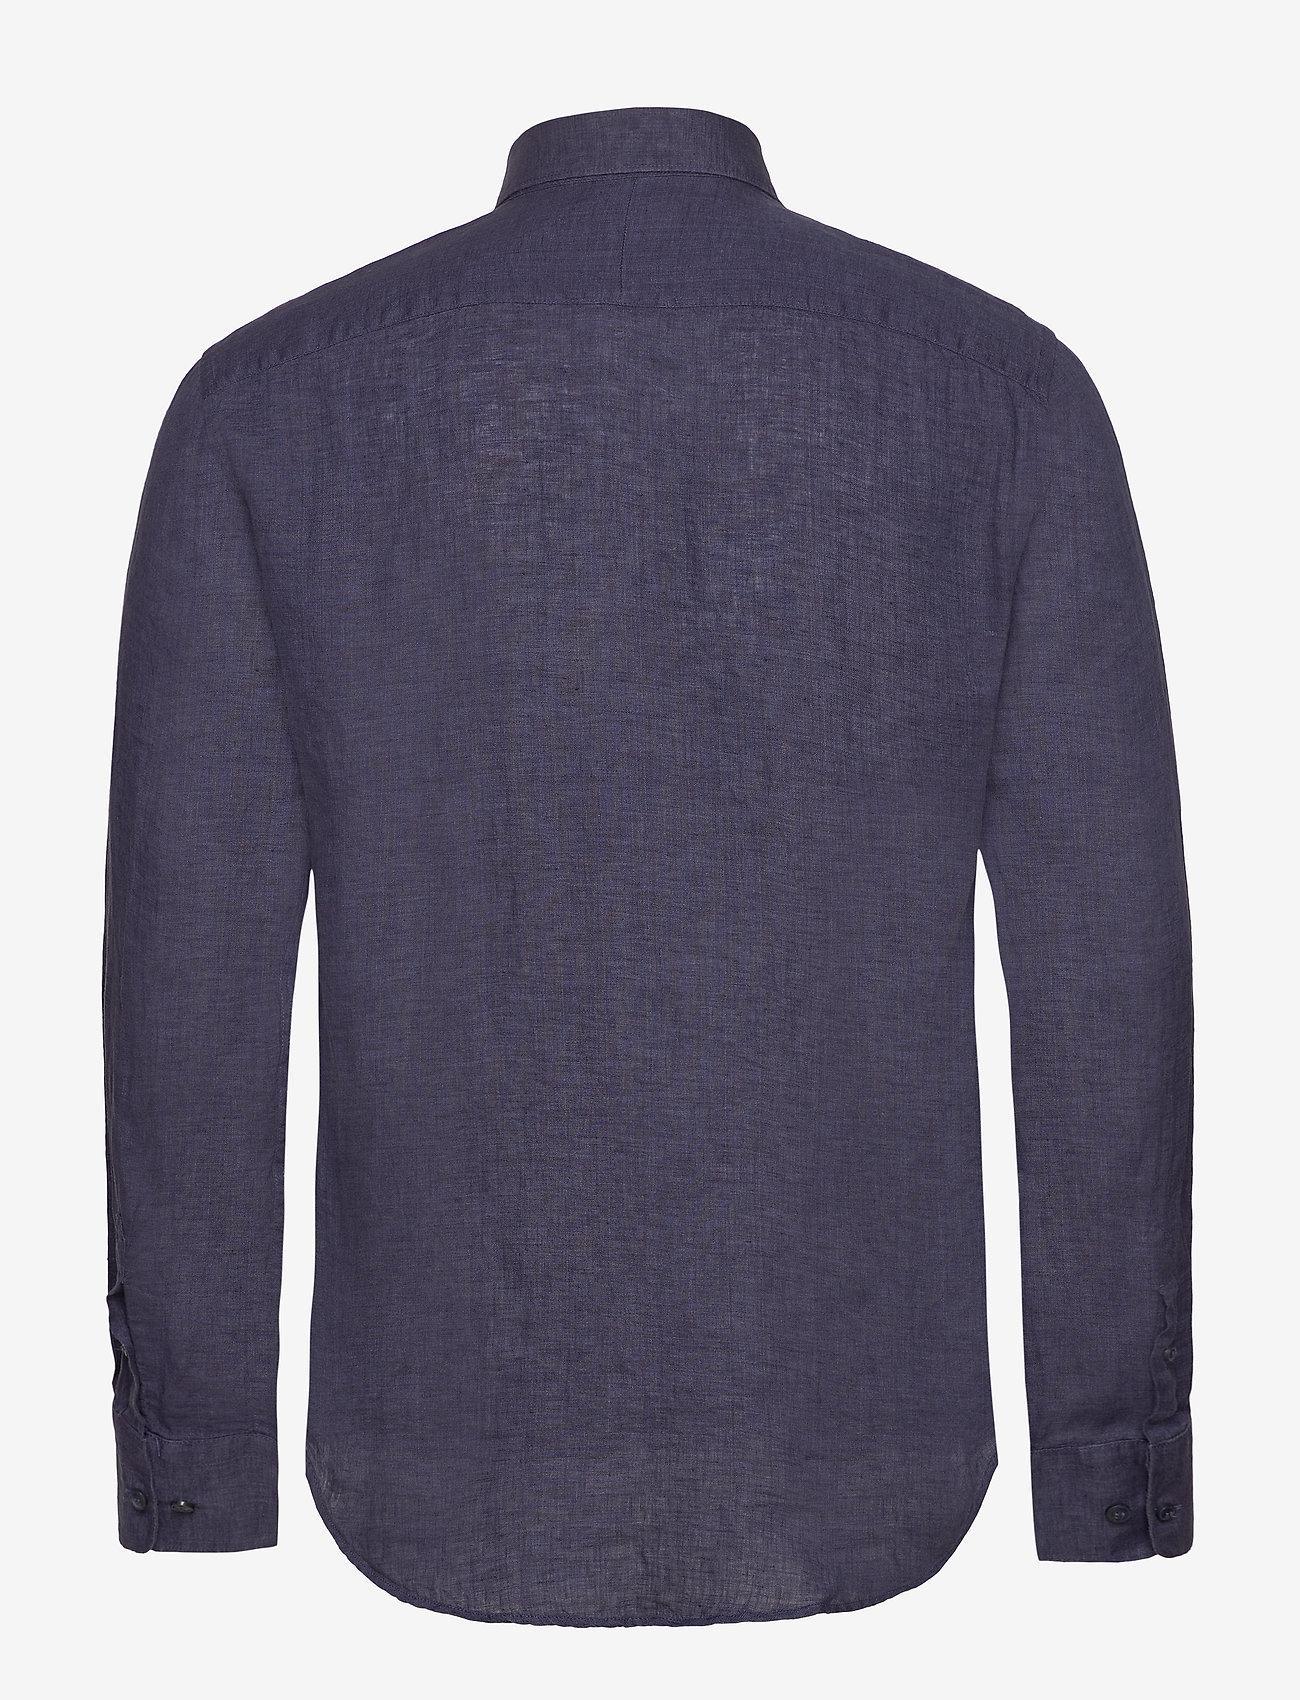 Tiger of Sweden - FENALD - basic skjorter - light ink - 1